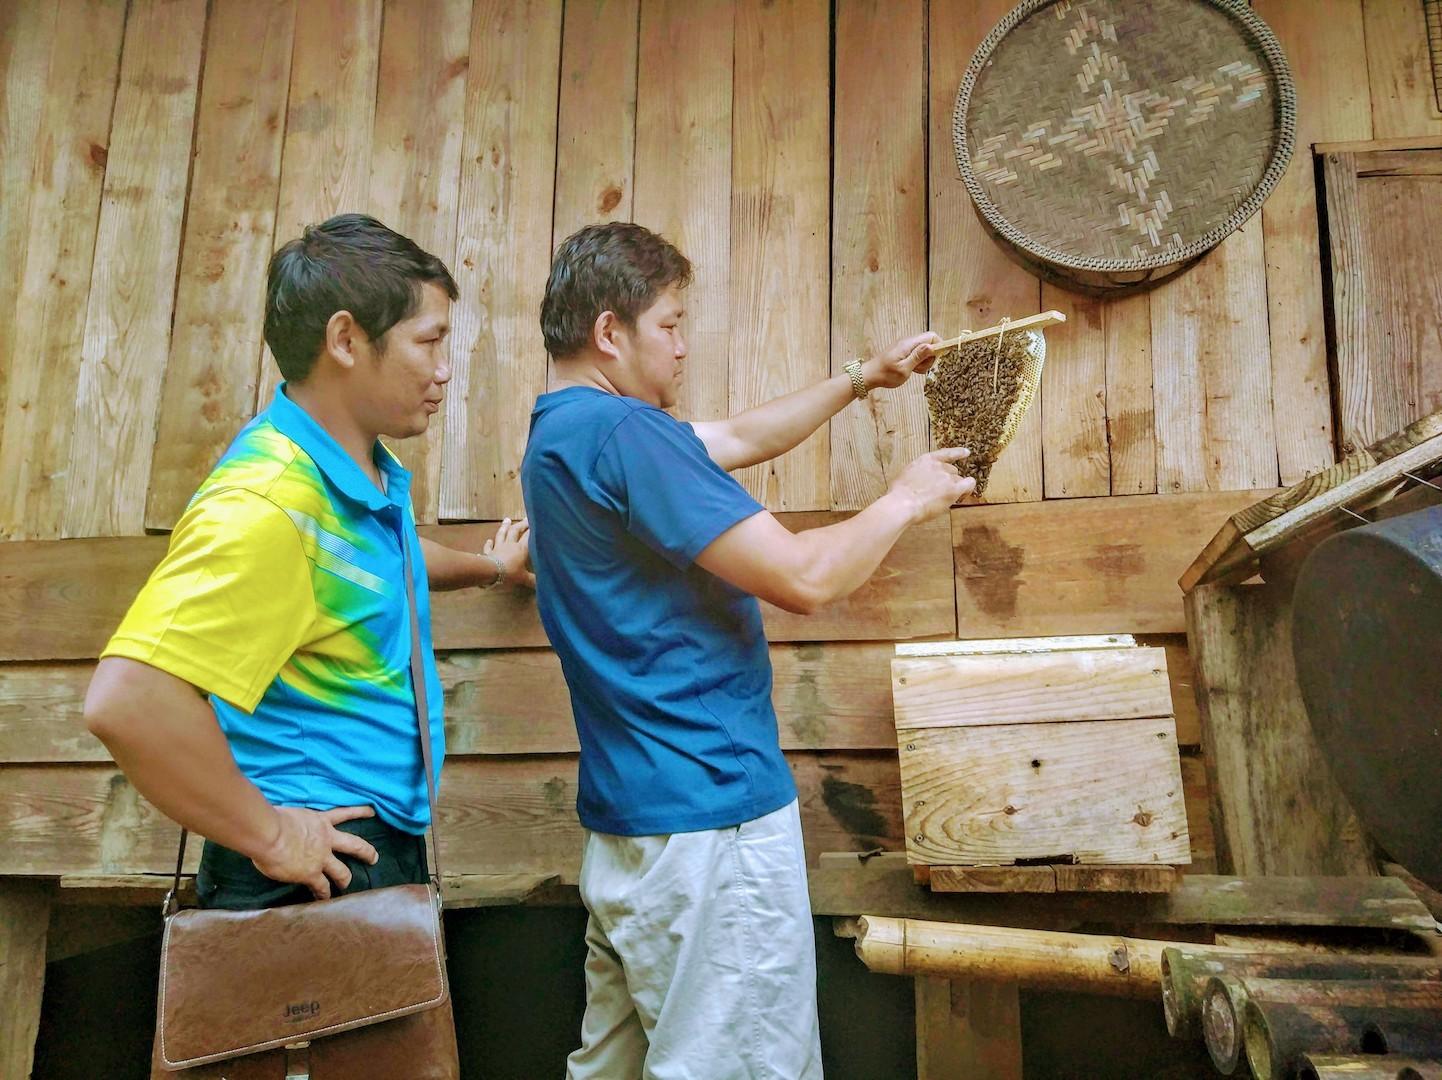 養蜂巣箱の中の状態を養蜂専門家のコンさん(左)と確認するシポンさん(右)(2018年5月江角撮影)